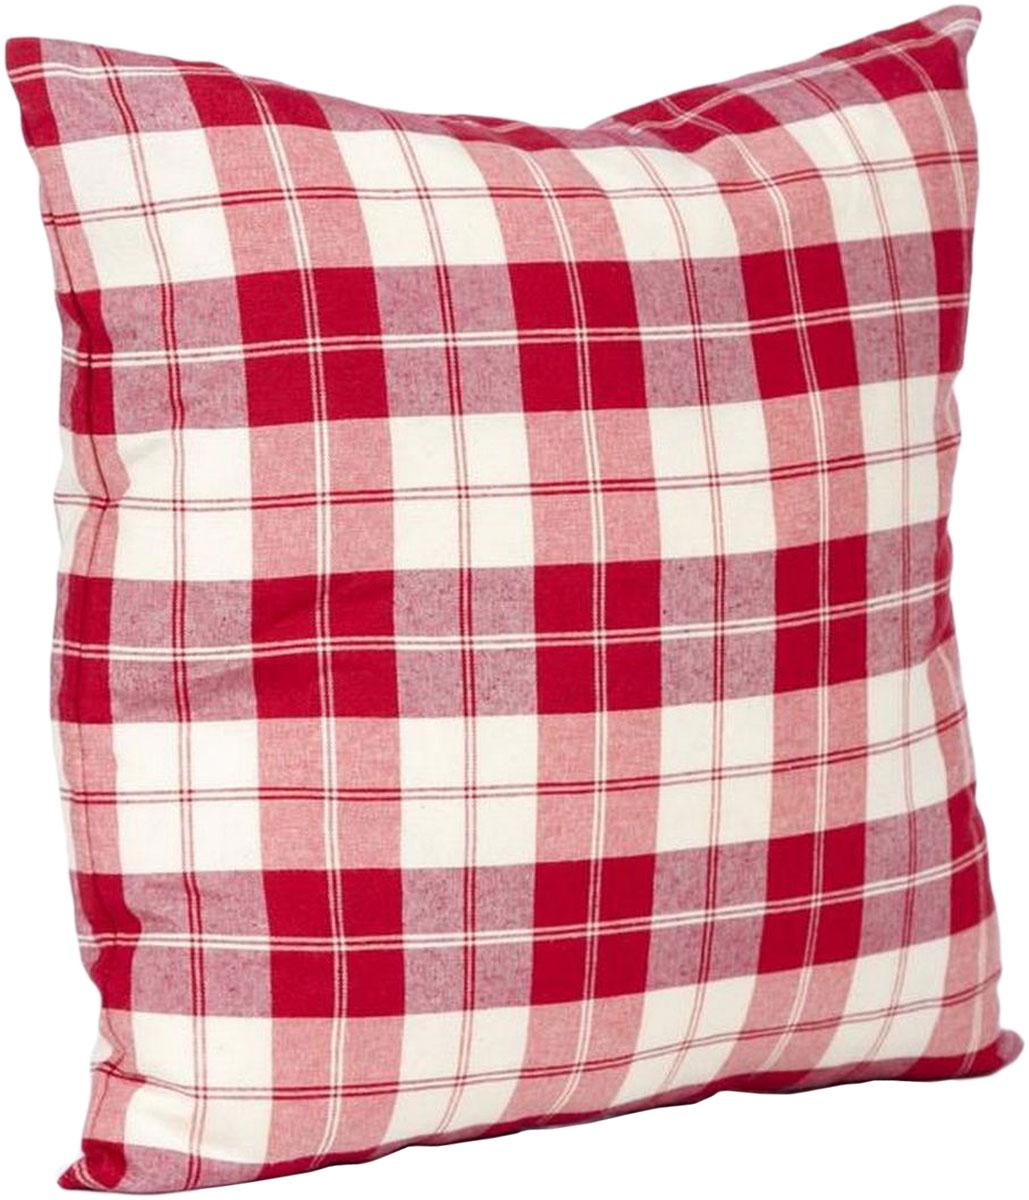 Подушка декоративная KauffOrt Коттедж, цвет: красный, 39 x 39 см куплю дом или коттедж в солотче